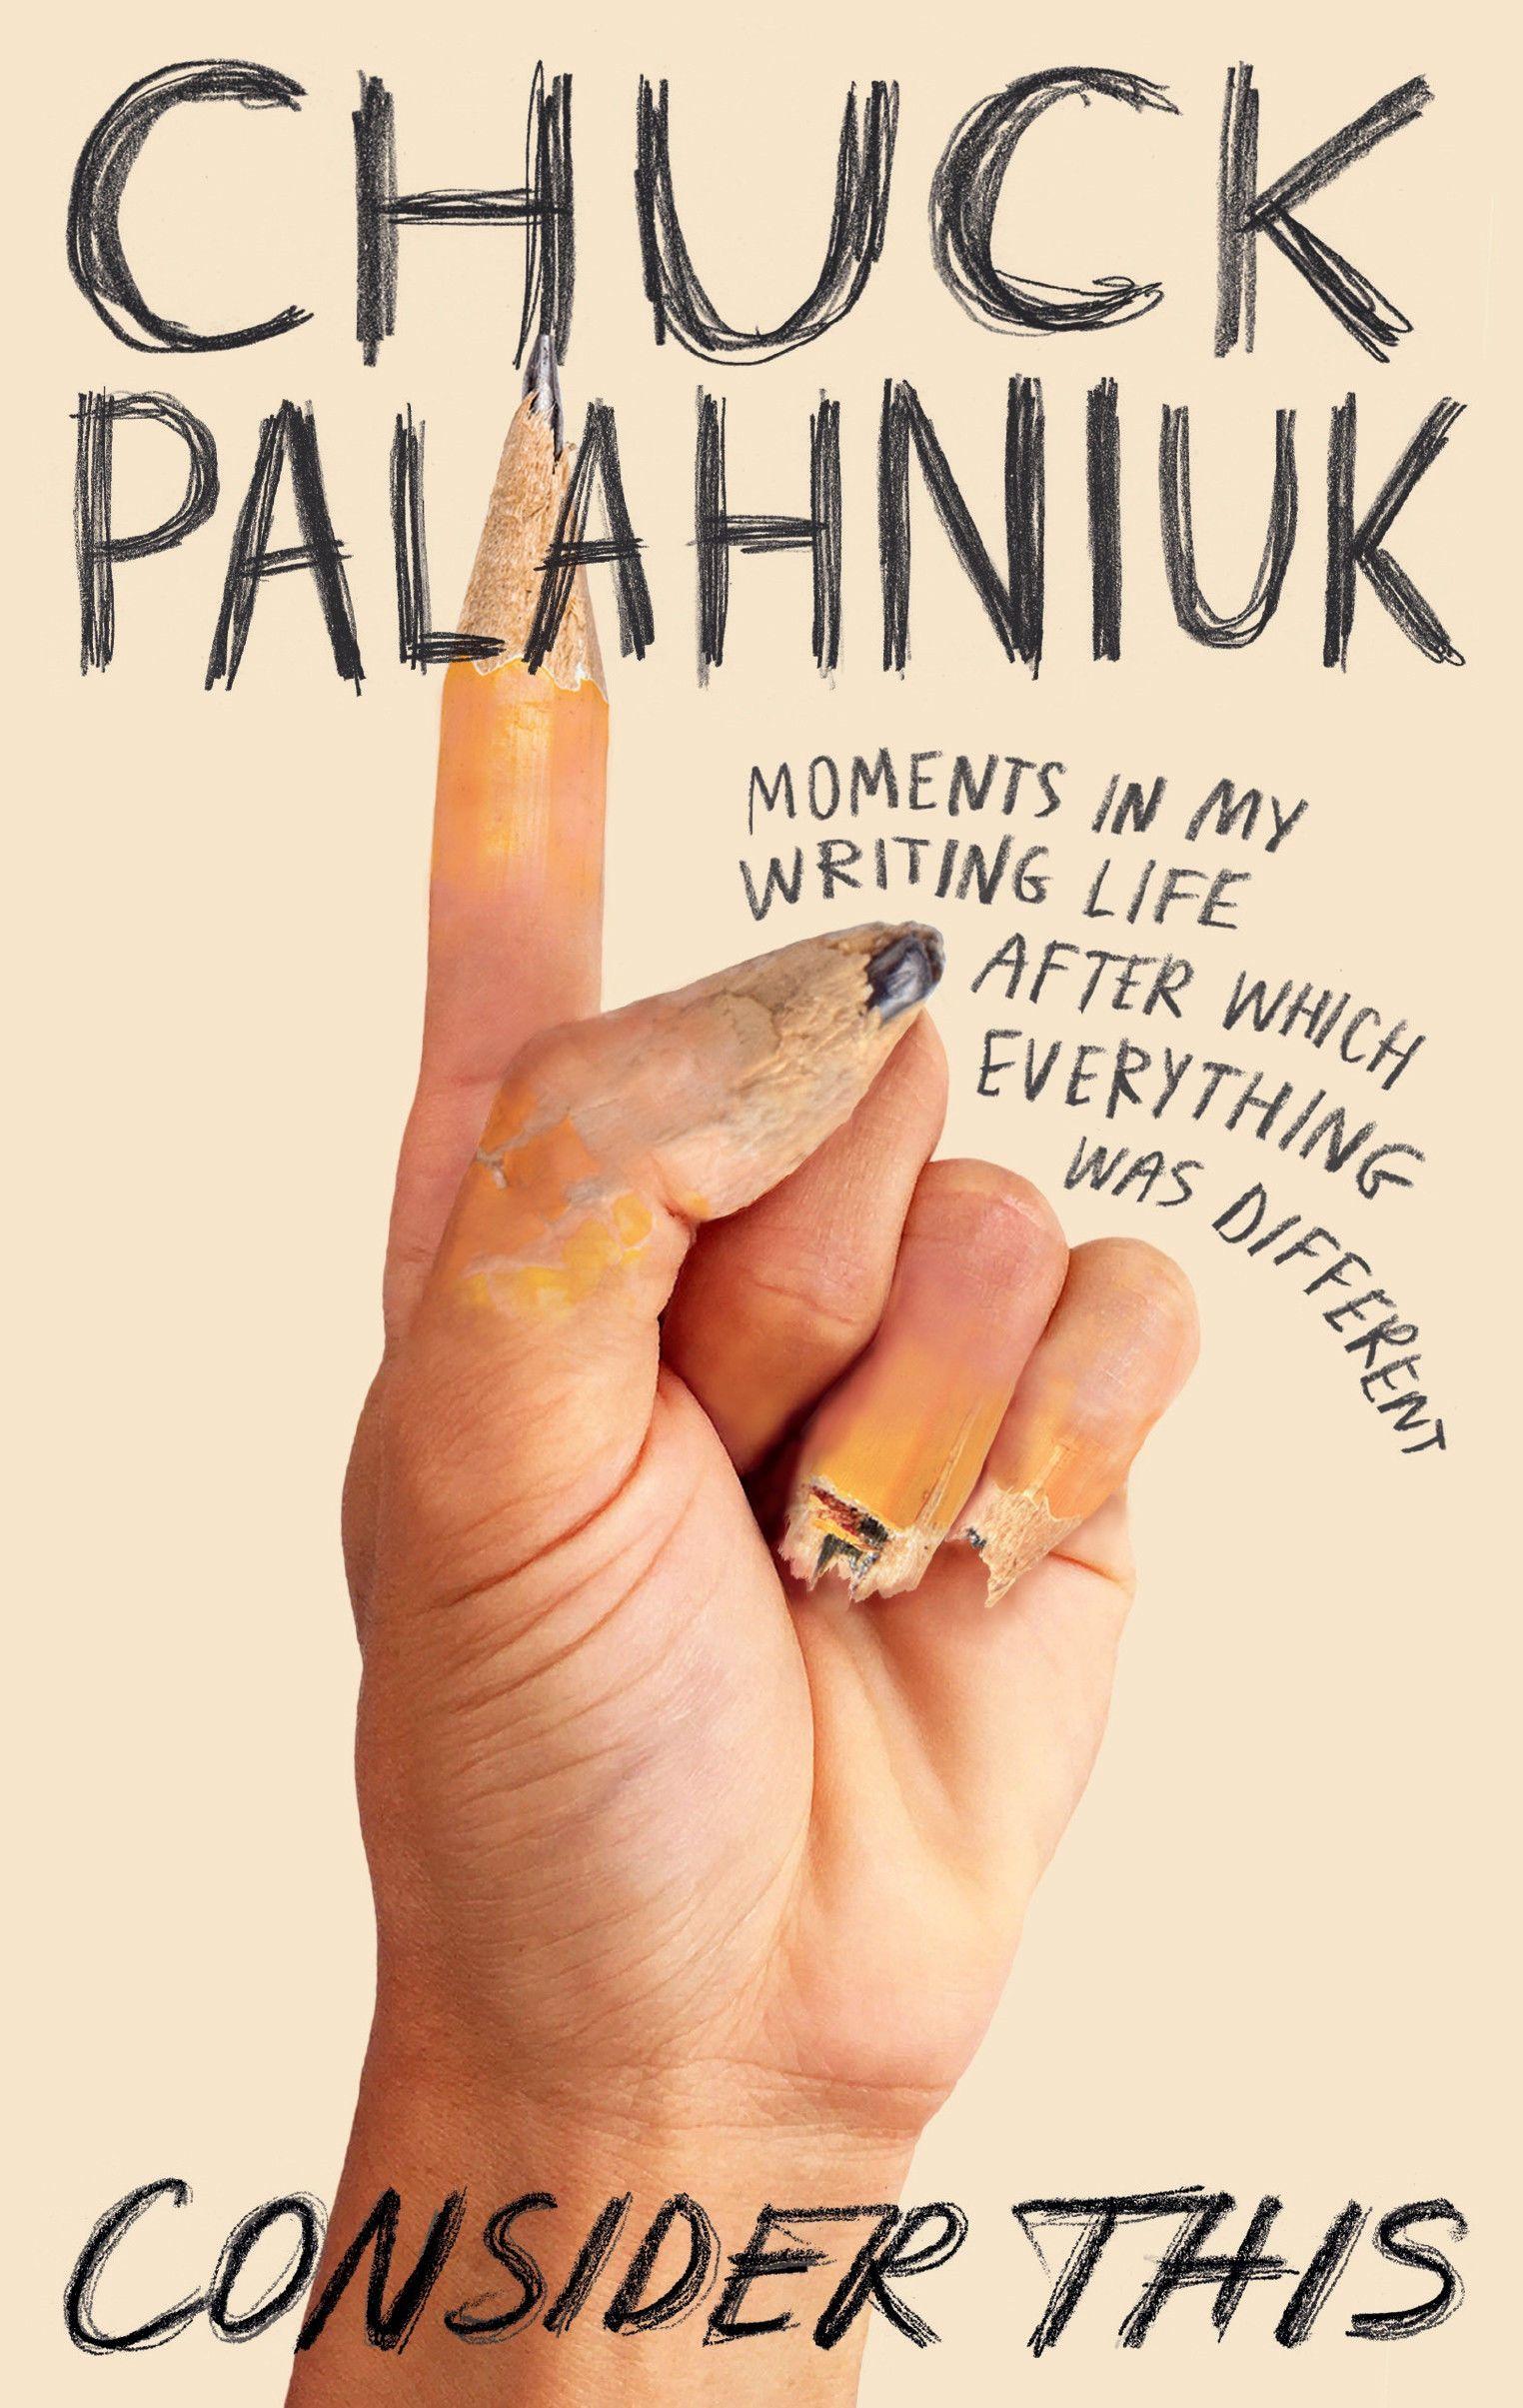 Чак Поланік, новая книга 7 января 202